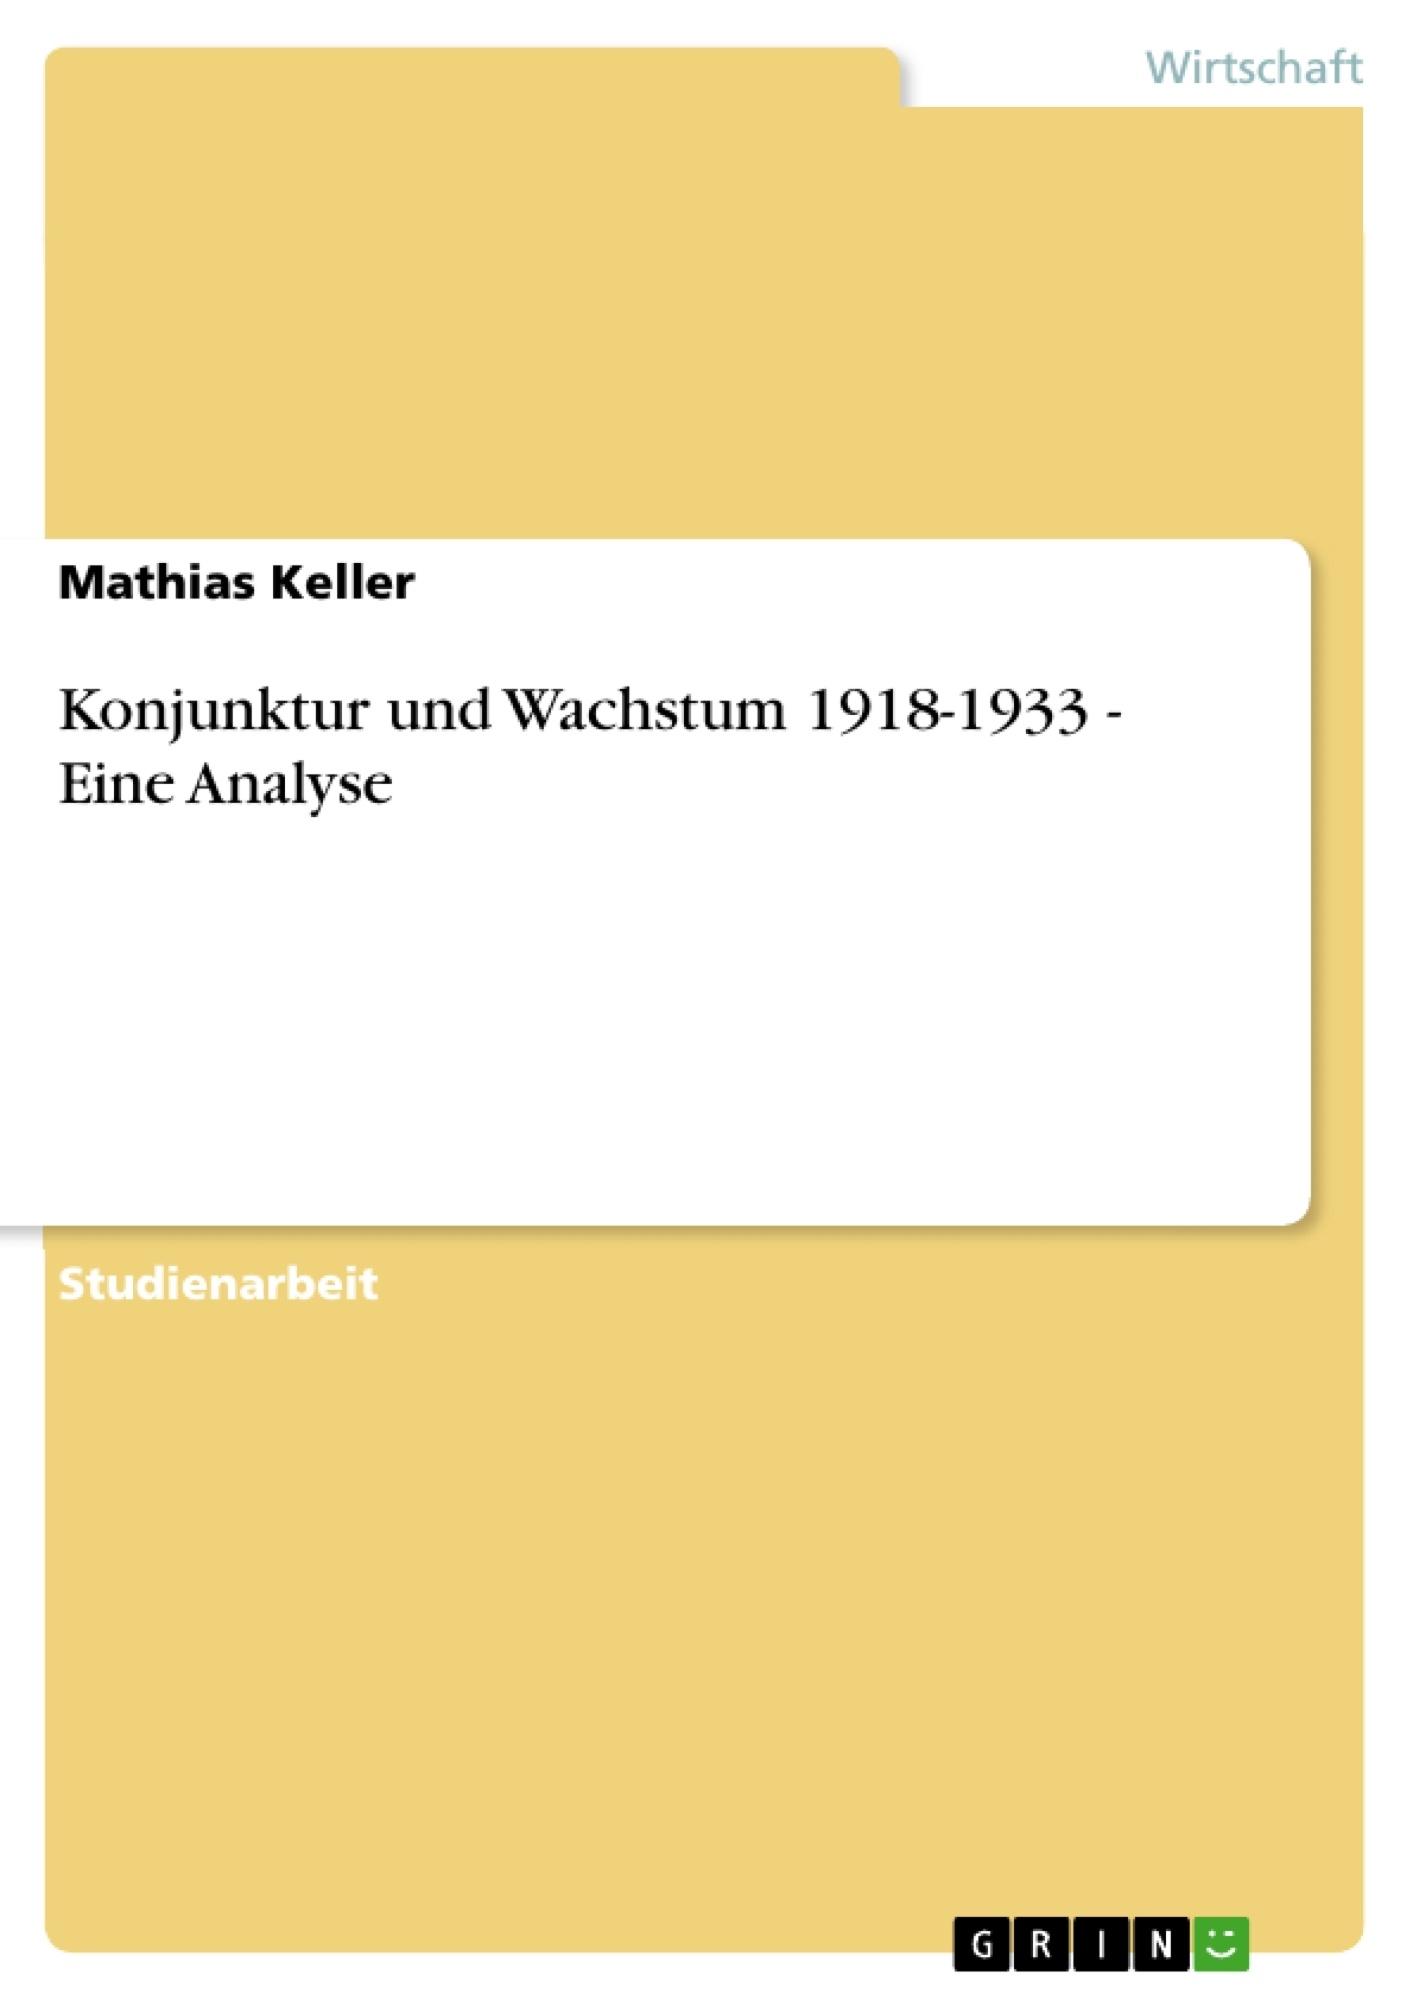 Titel: Konjunktur und Wachstum 1918-1933 - Eine Analyse